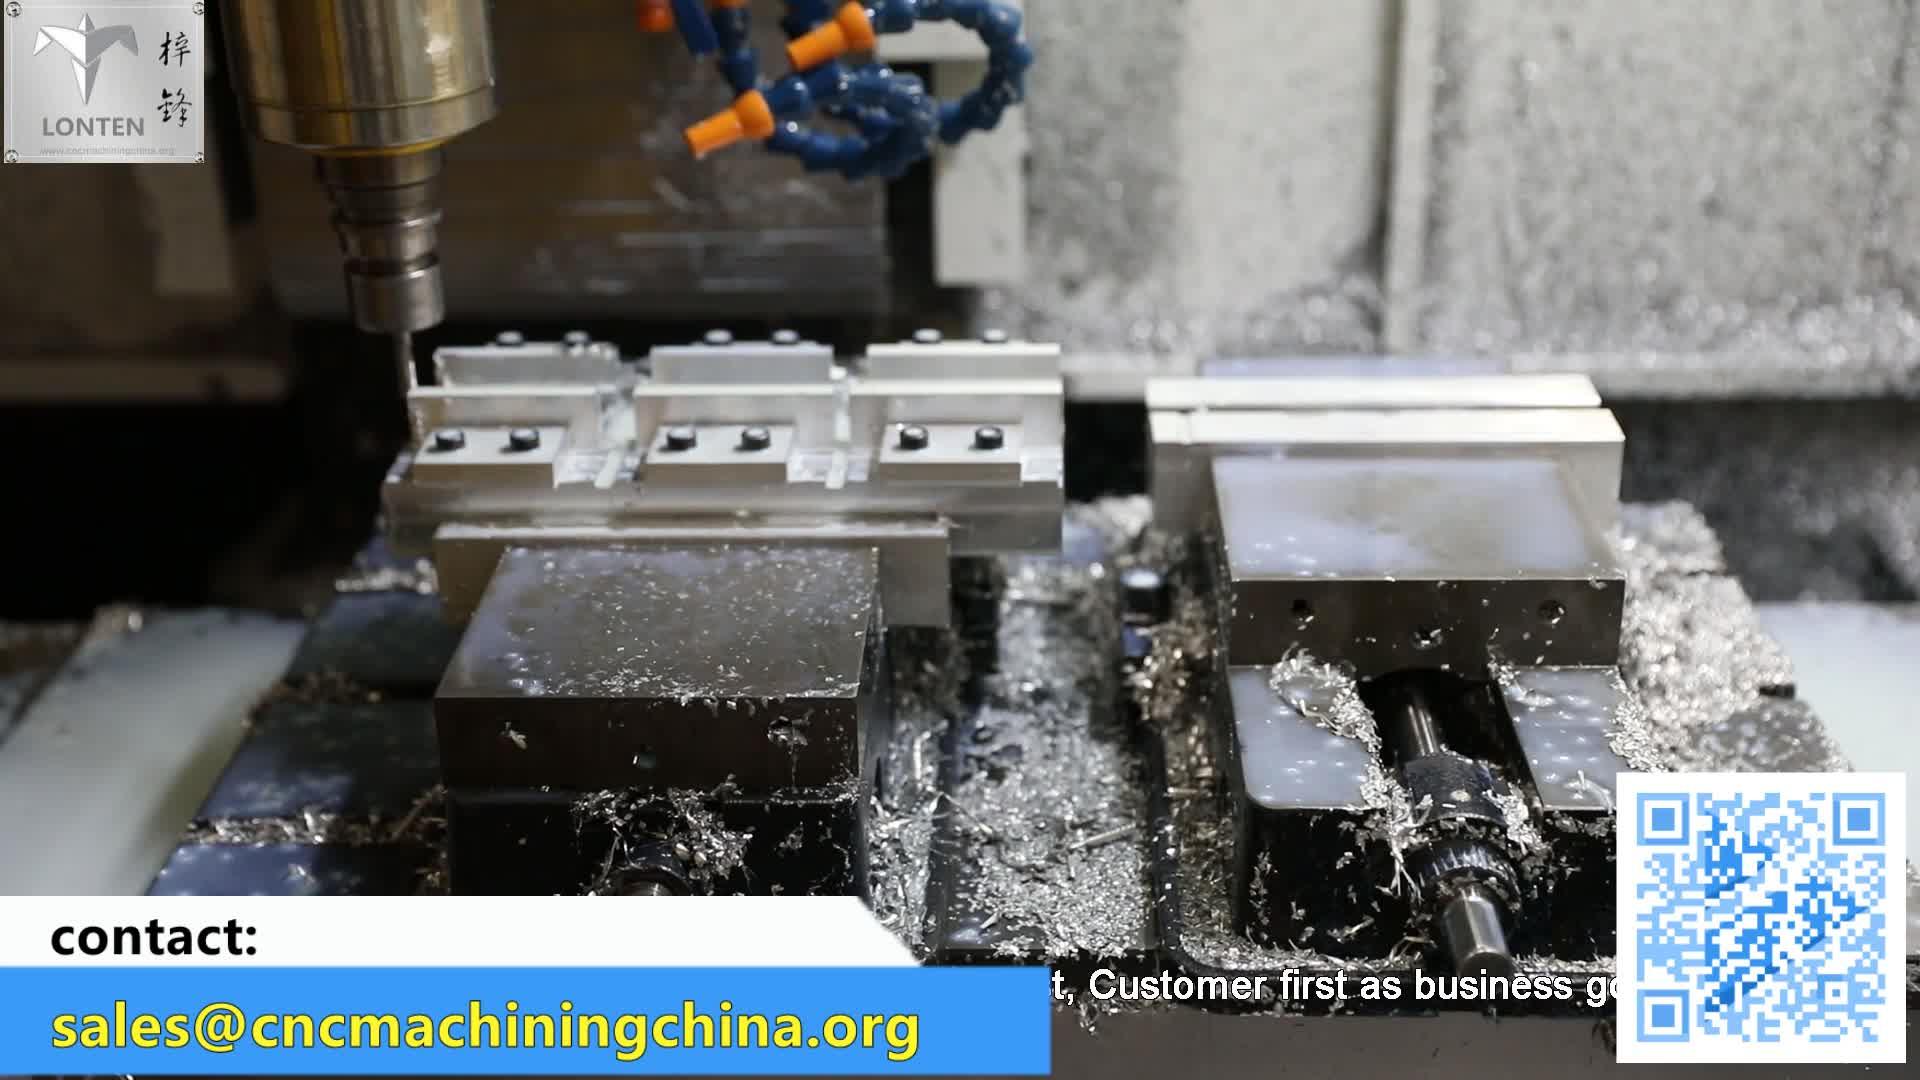 高精度カスタムアルミ cnc 加工部品自動販売鋼自動使用される予備部品自動洗車圧力機ポンプ